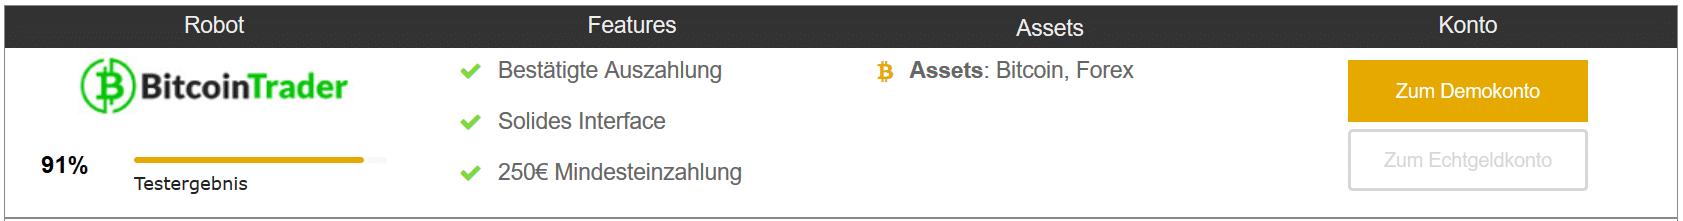 BitcoinTrader Testergebnis